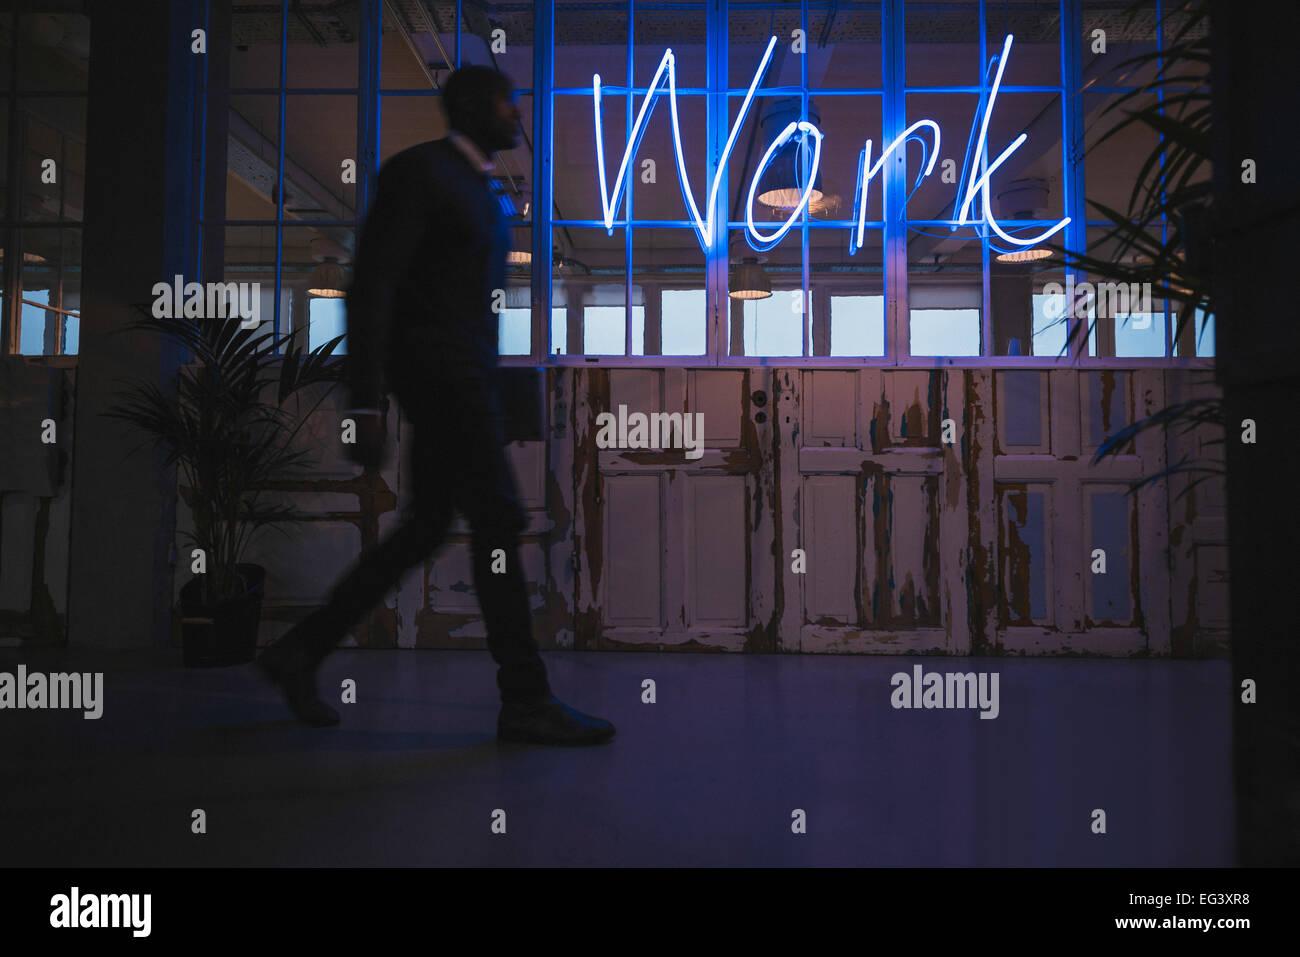 Corridoio di un ufficio moderno con un giovane uomo che cammina da. Grande luce al neon segno di lavoro. Immagini Stock